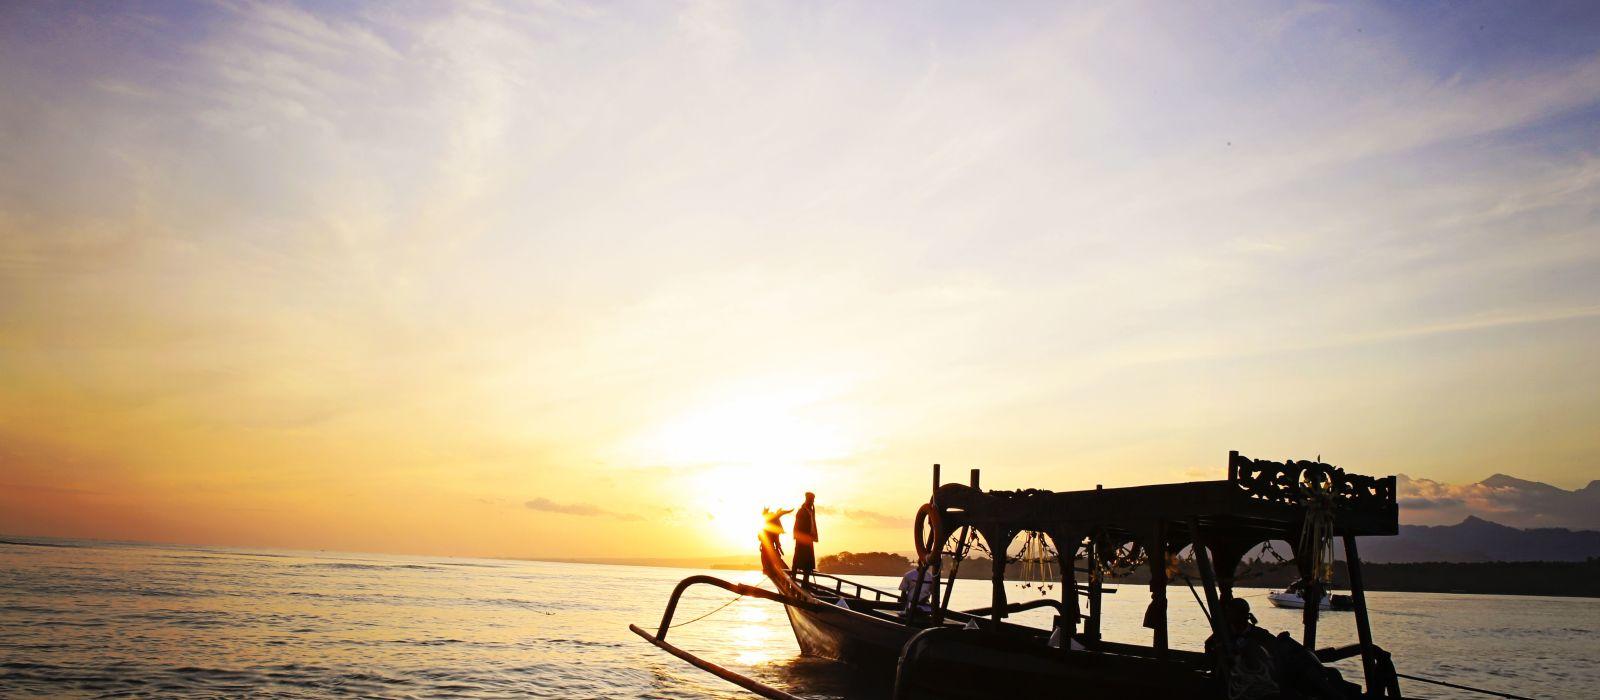 Stilvoll, elegant und luxuriös durch Indonesien Urlaub 7